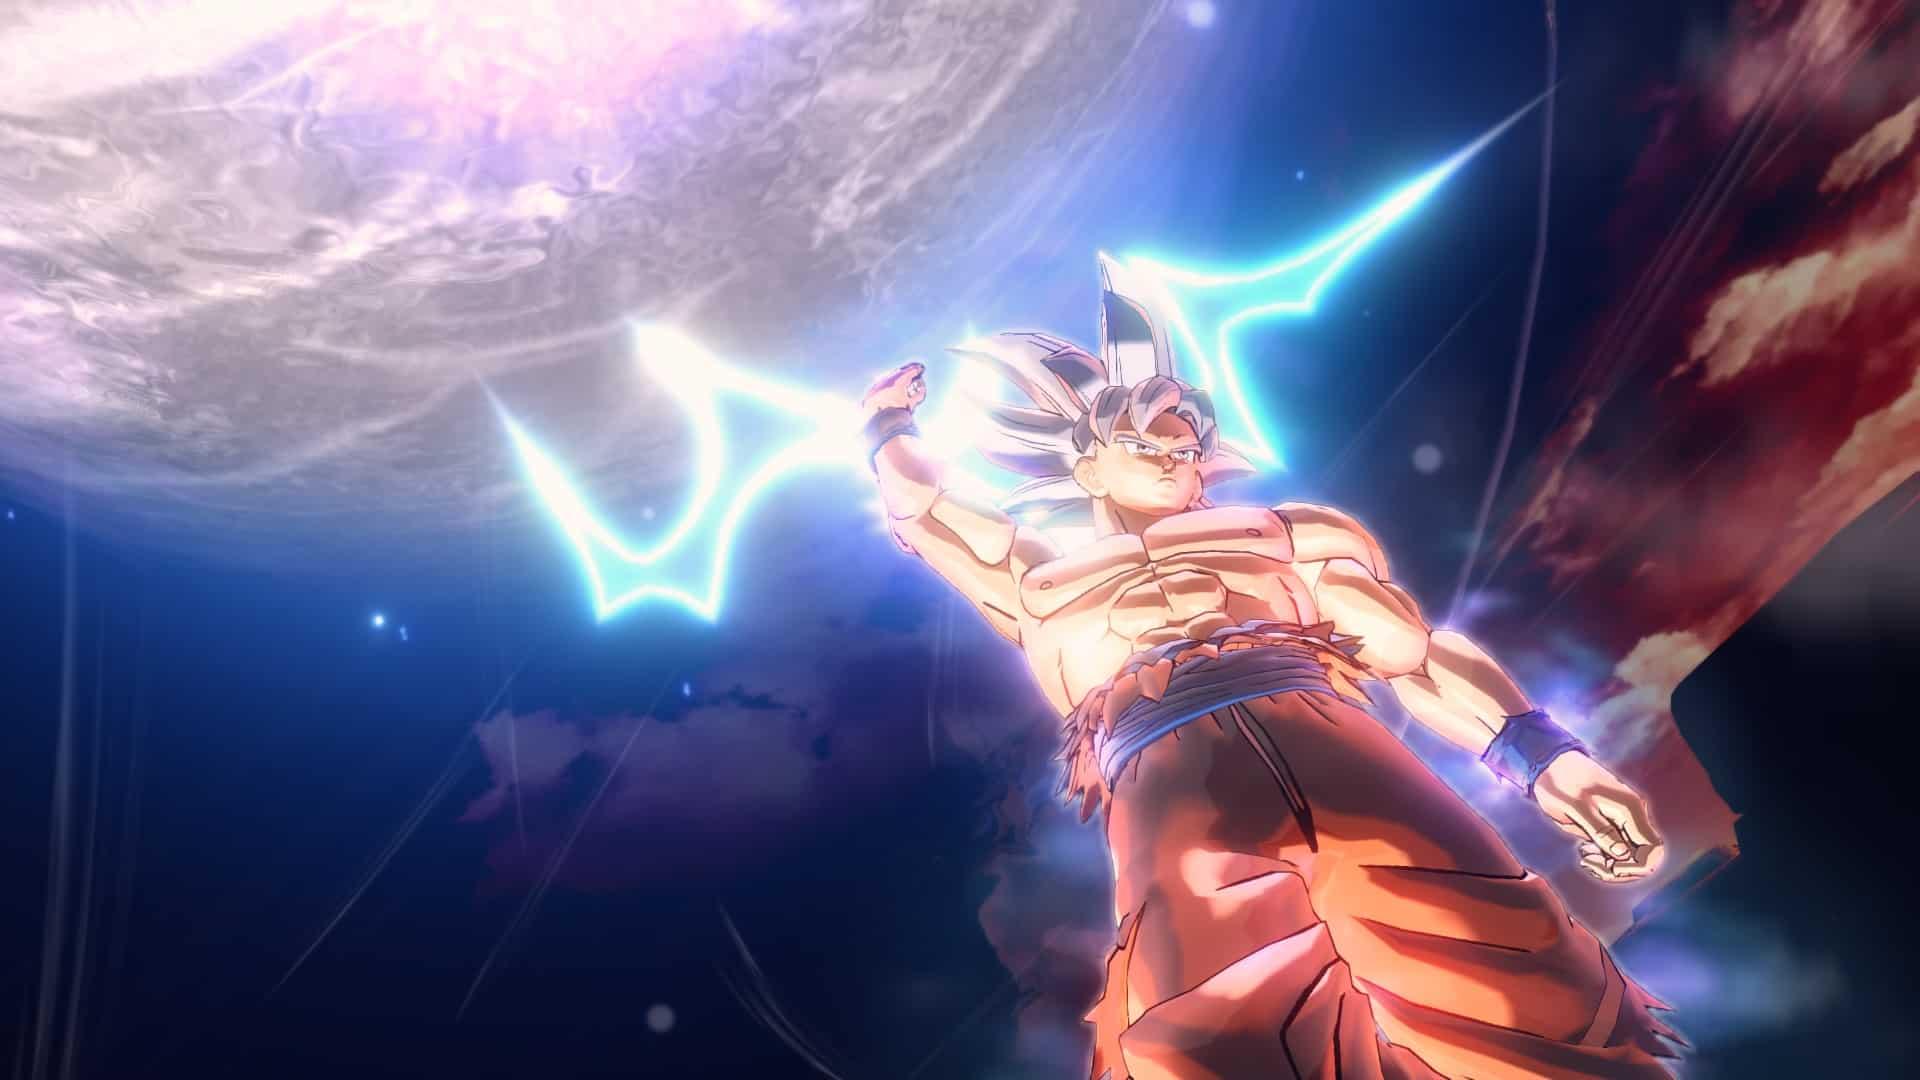 1 Surging Spirit Dragon Ball Xenoverse 2 - Nuovi dettagli sull'Extra Pack 2 di Dragon Ball Xenoverse 2